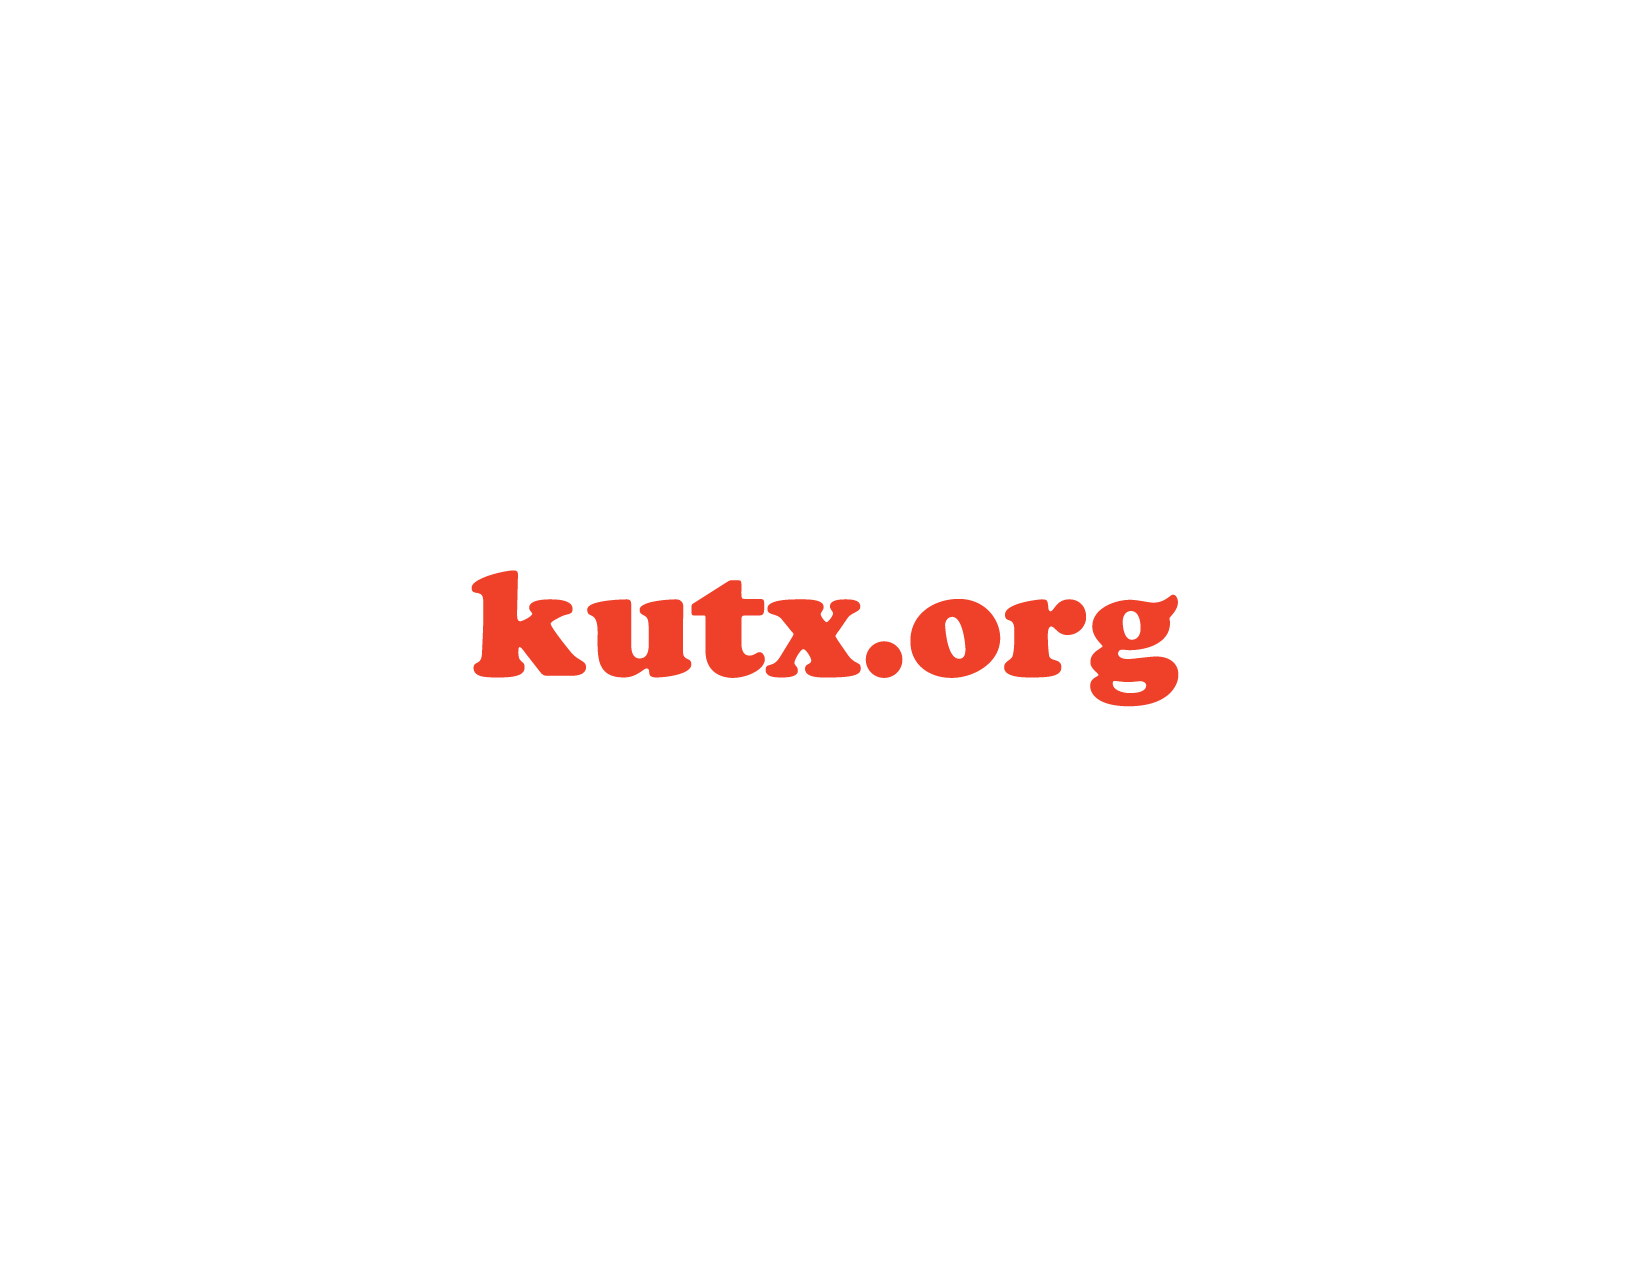 KUTX-02.png